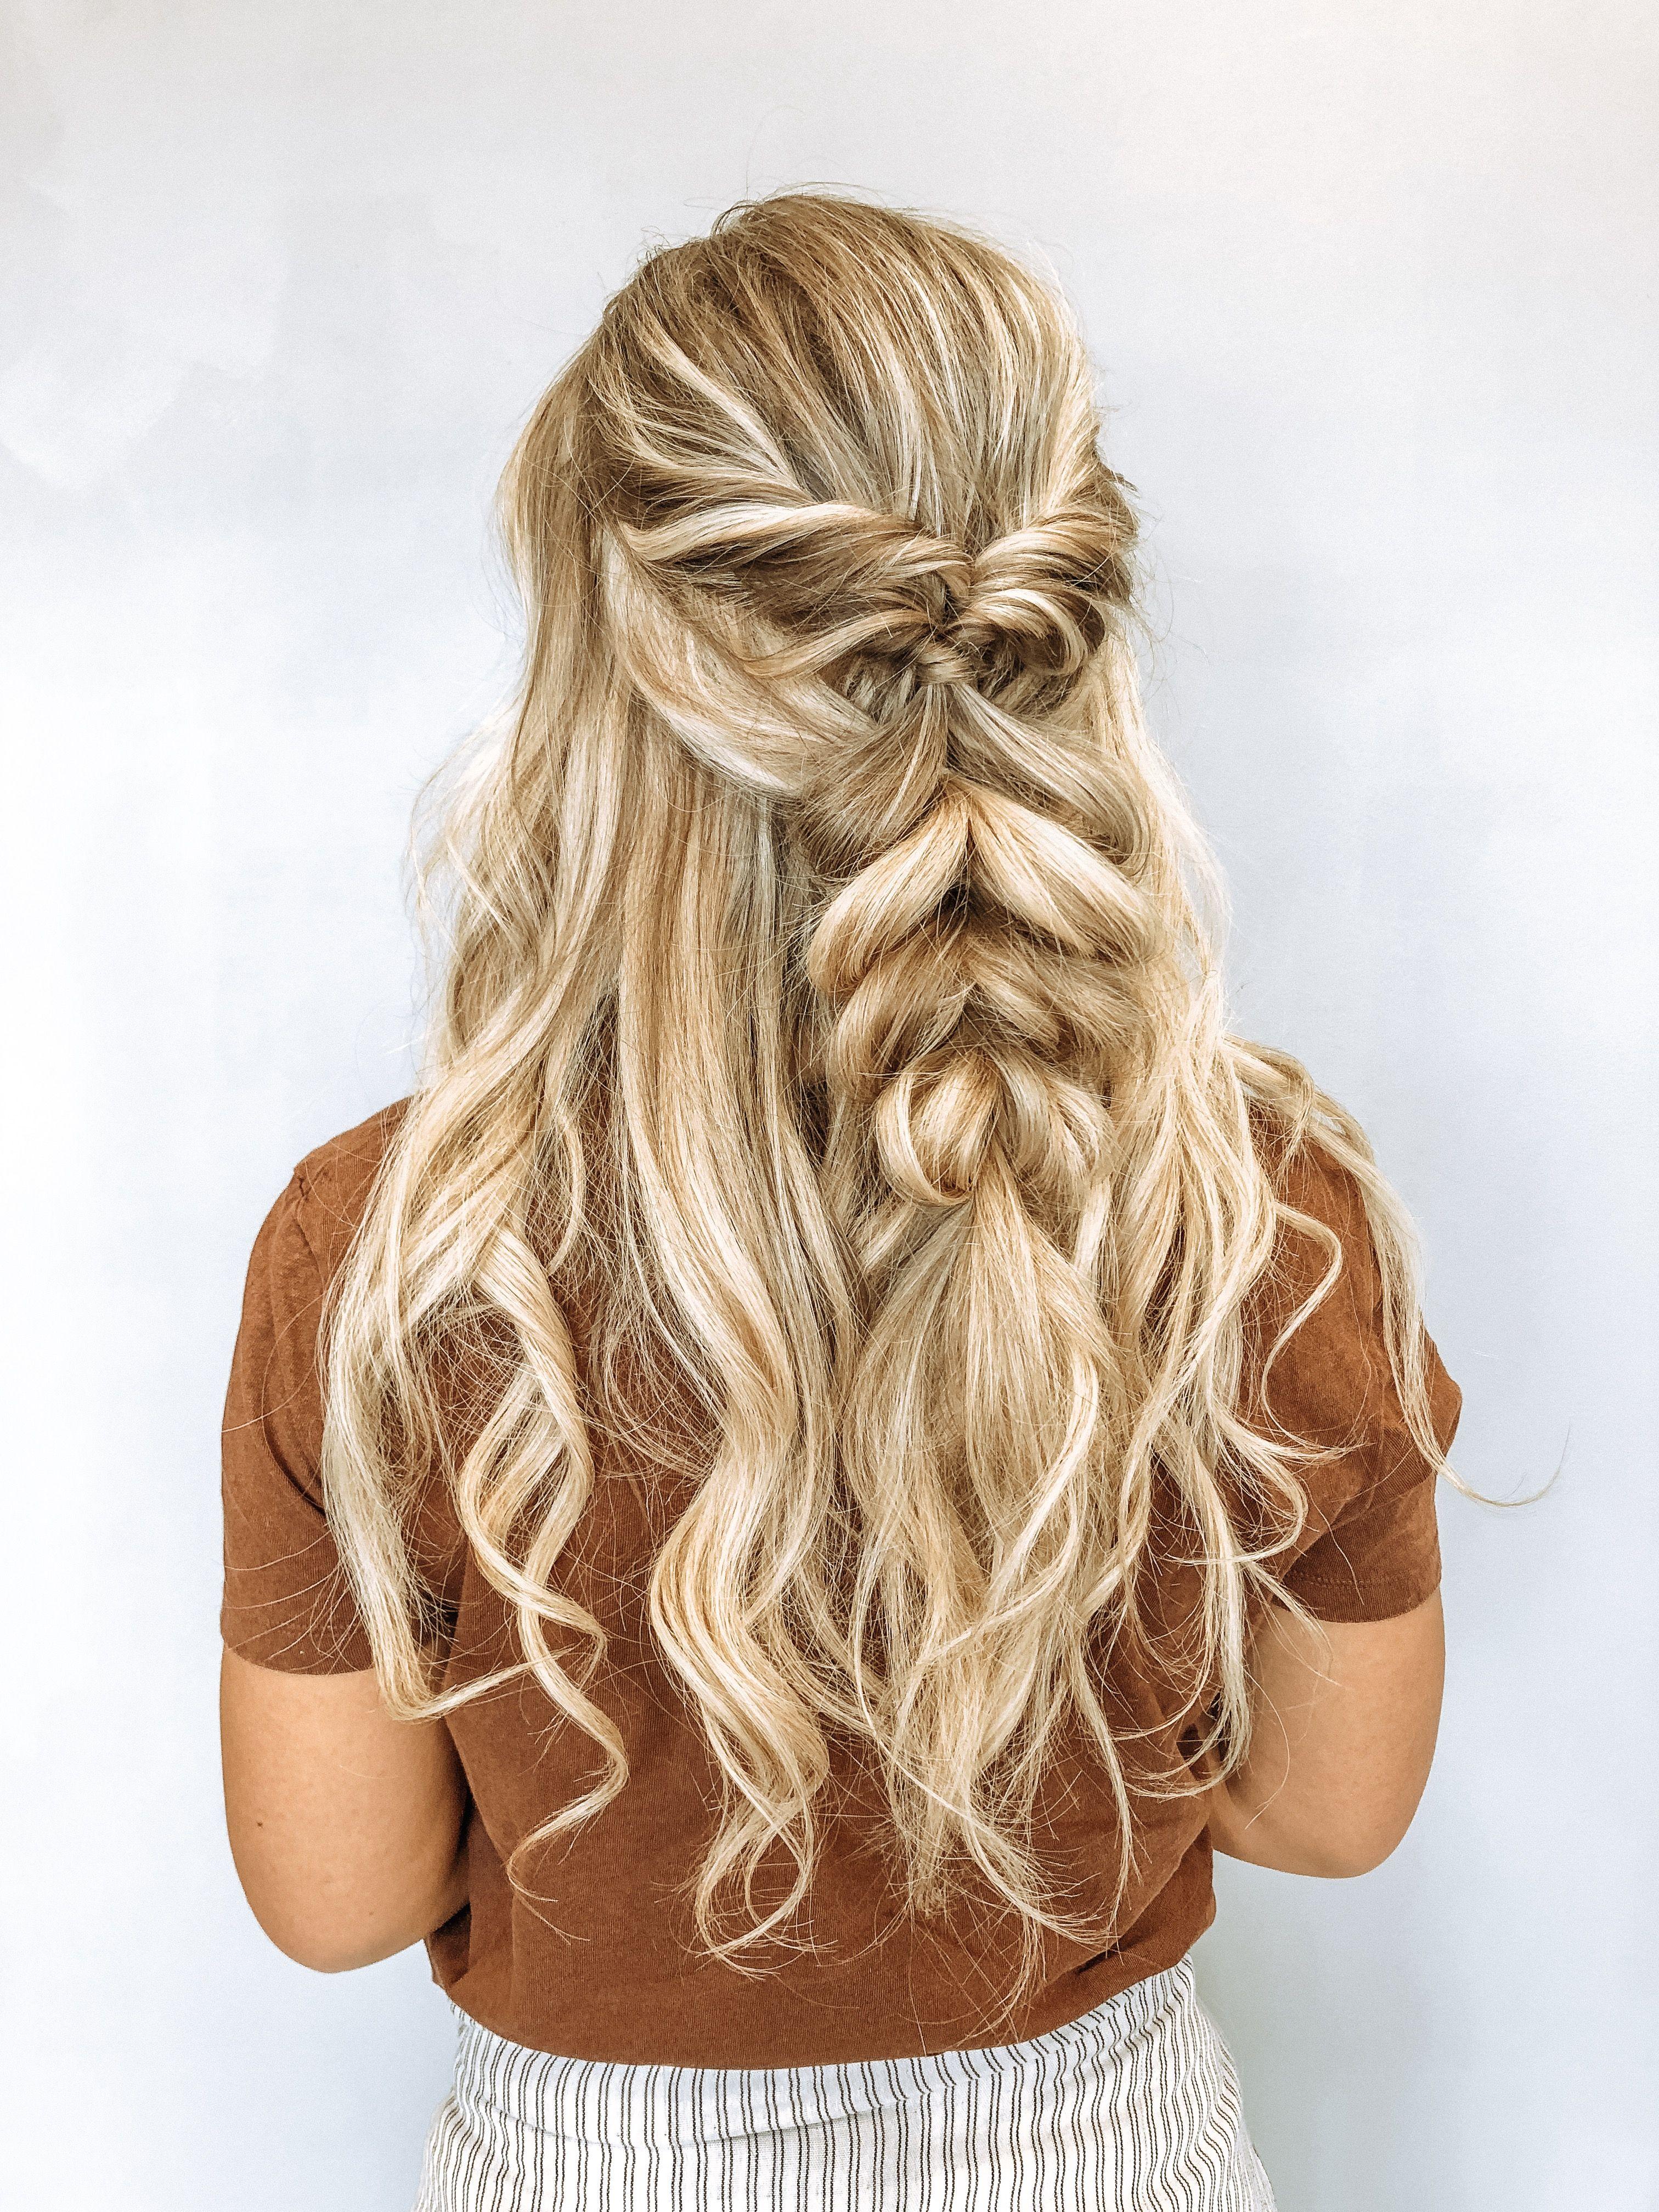 braids, half up half down, bridal hair, braid inspo, wedding hair, prom hair, beach waves, curls ...